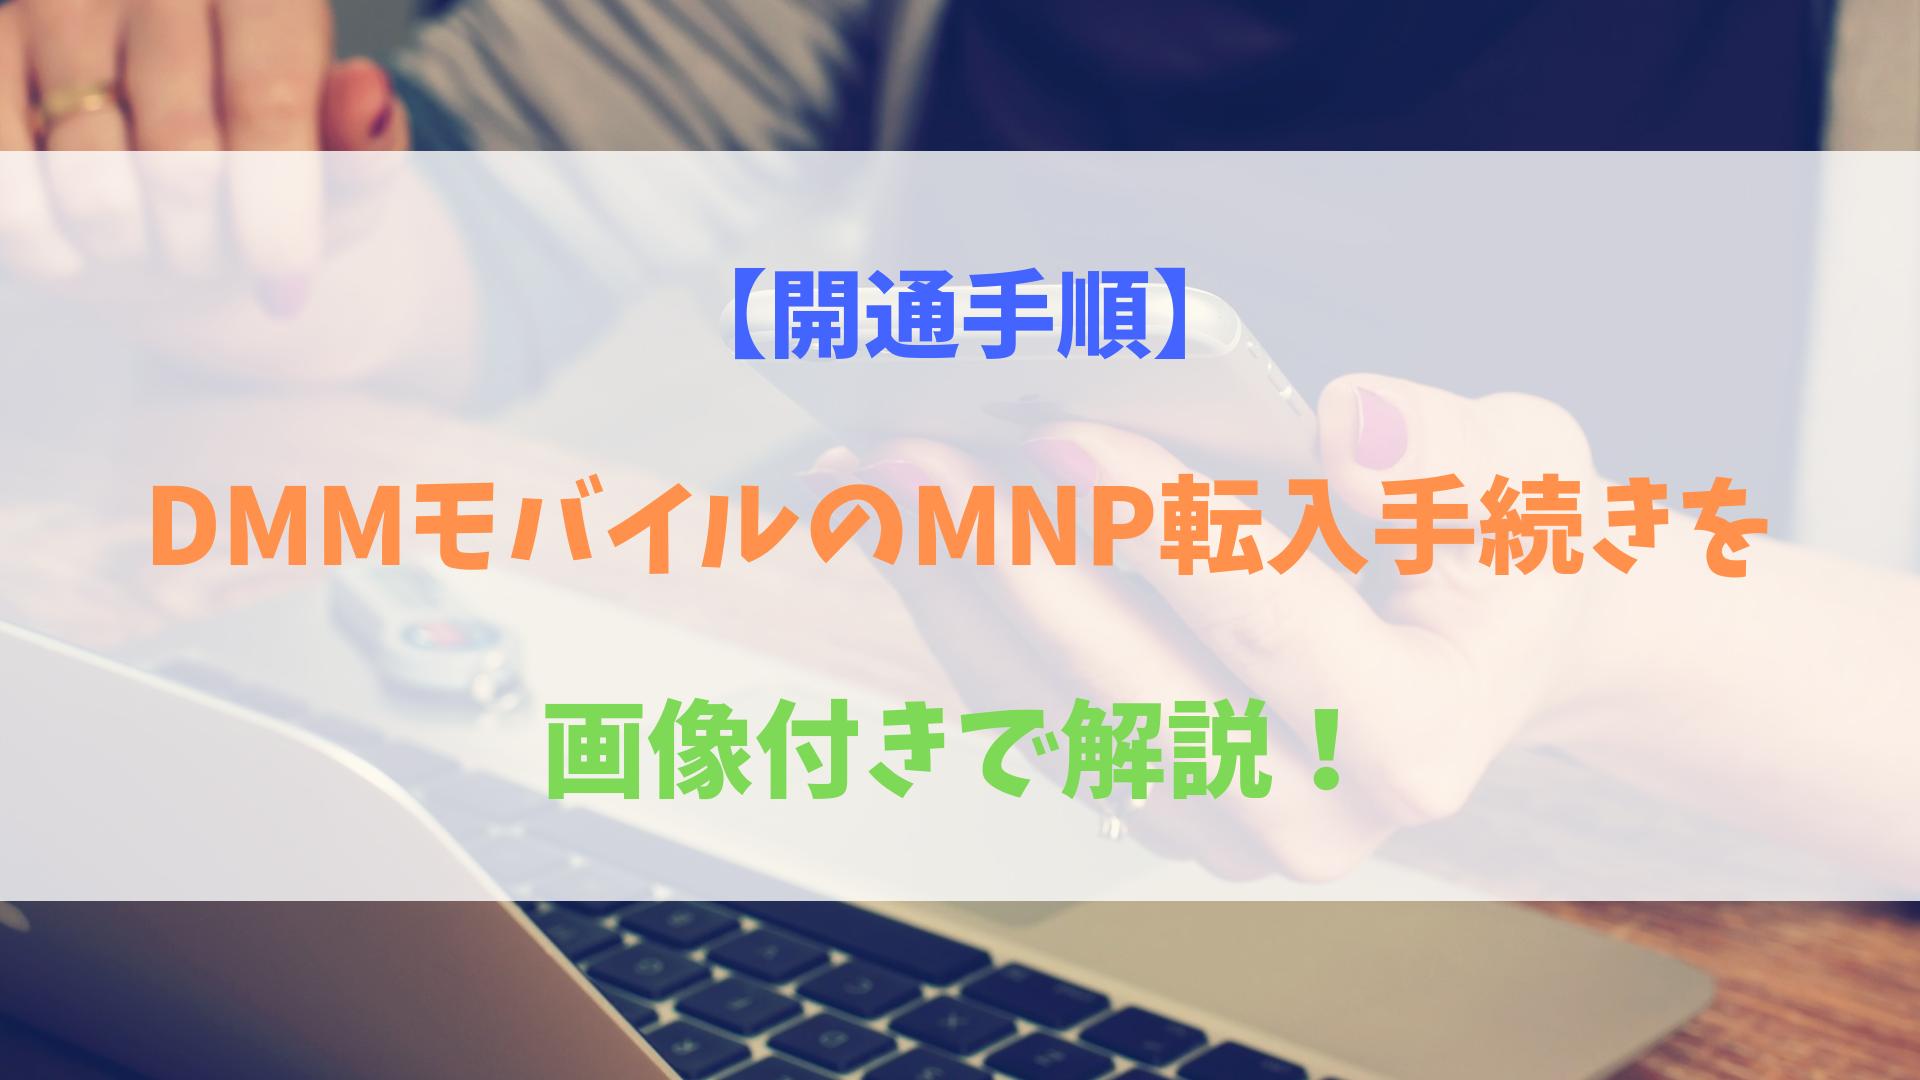 開通手順 DMMモバイルのMNP転入手続きを画像付きで解説!